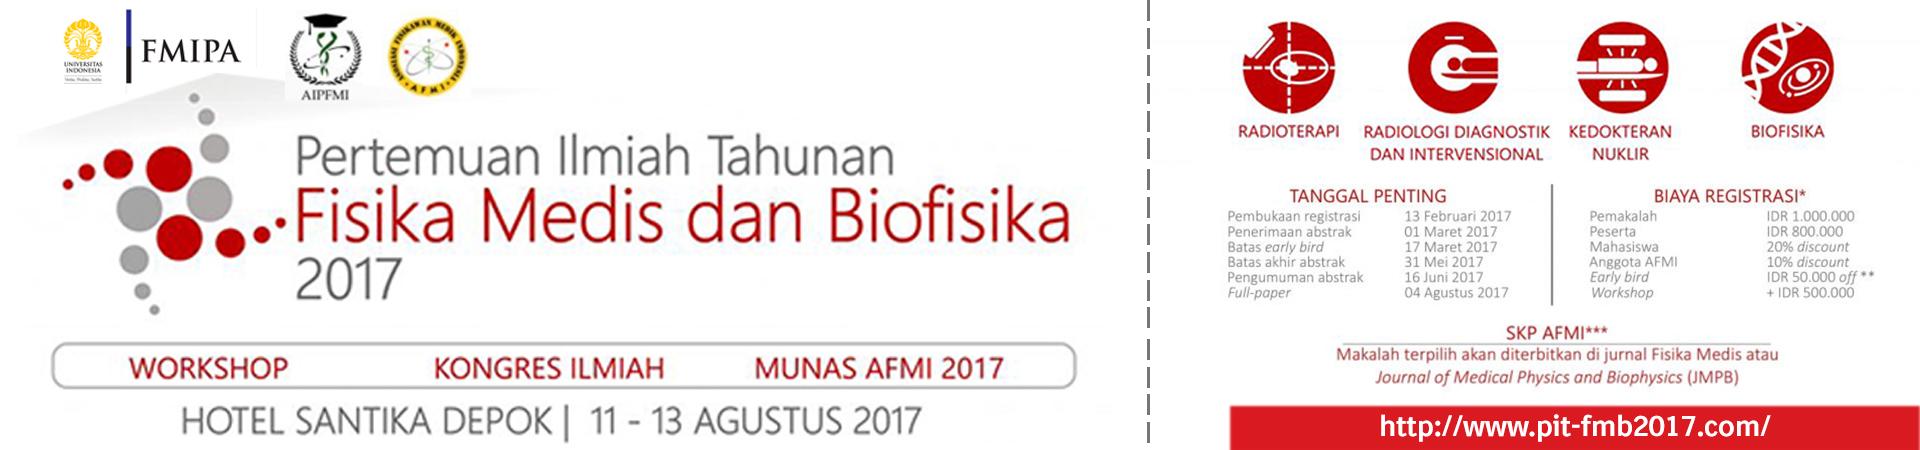 Pertemuan-Ilmiah-Tahunan-Fisika-Medis-dan-Biofisika-2017